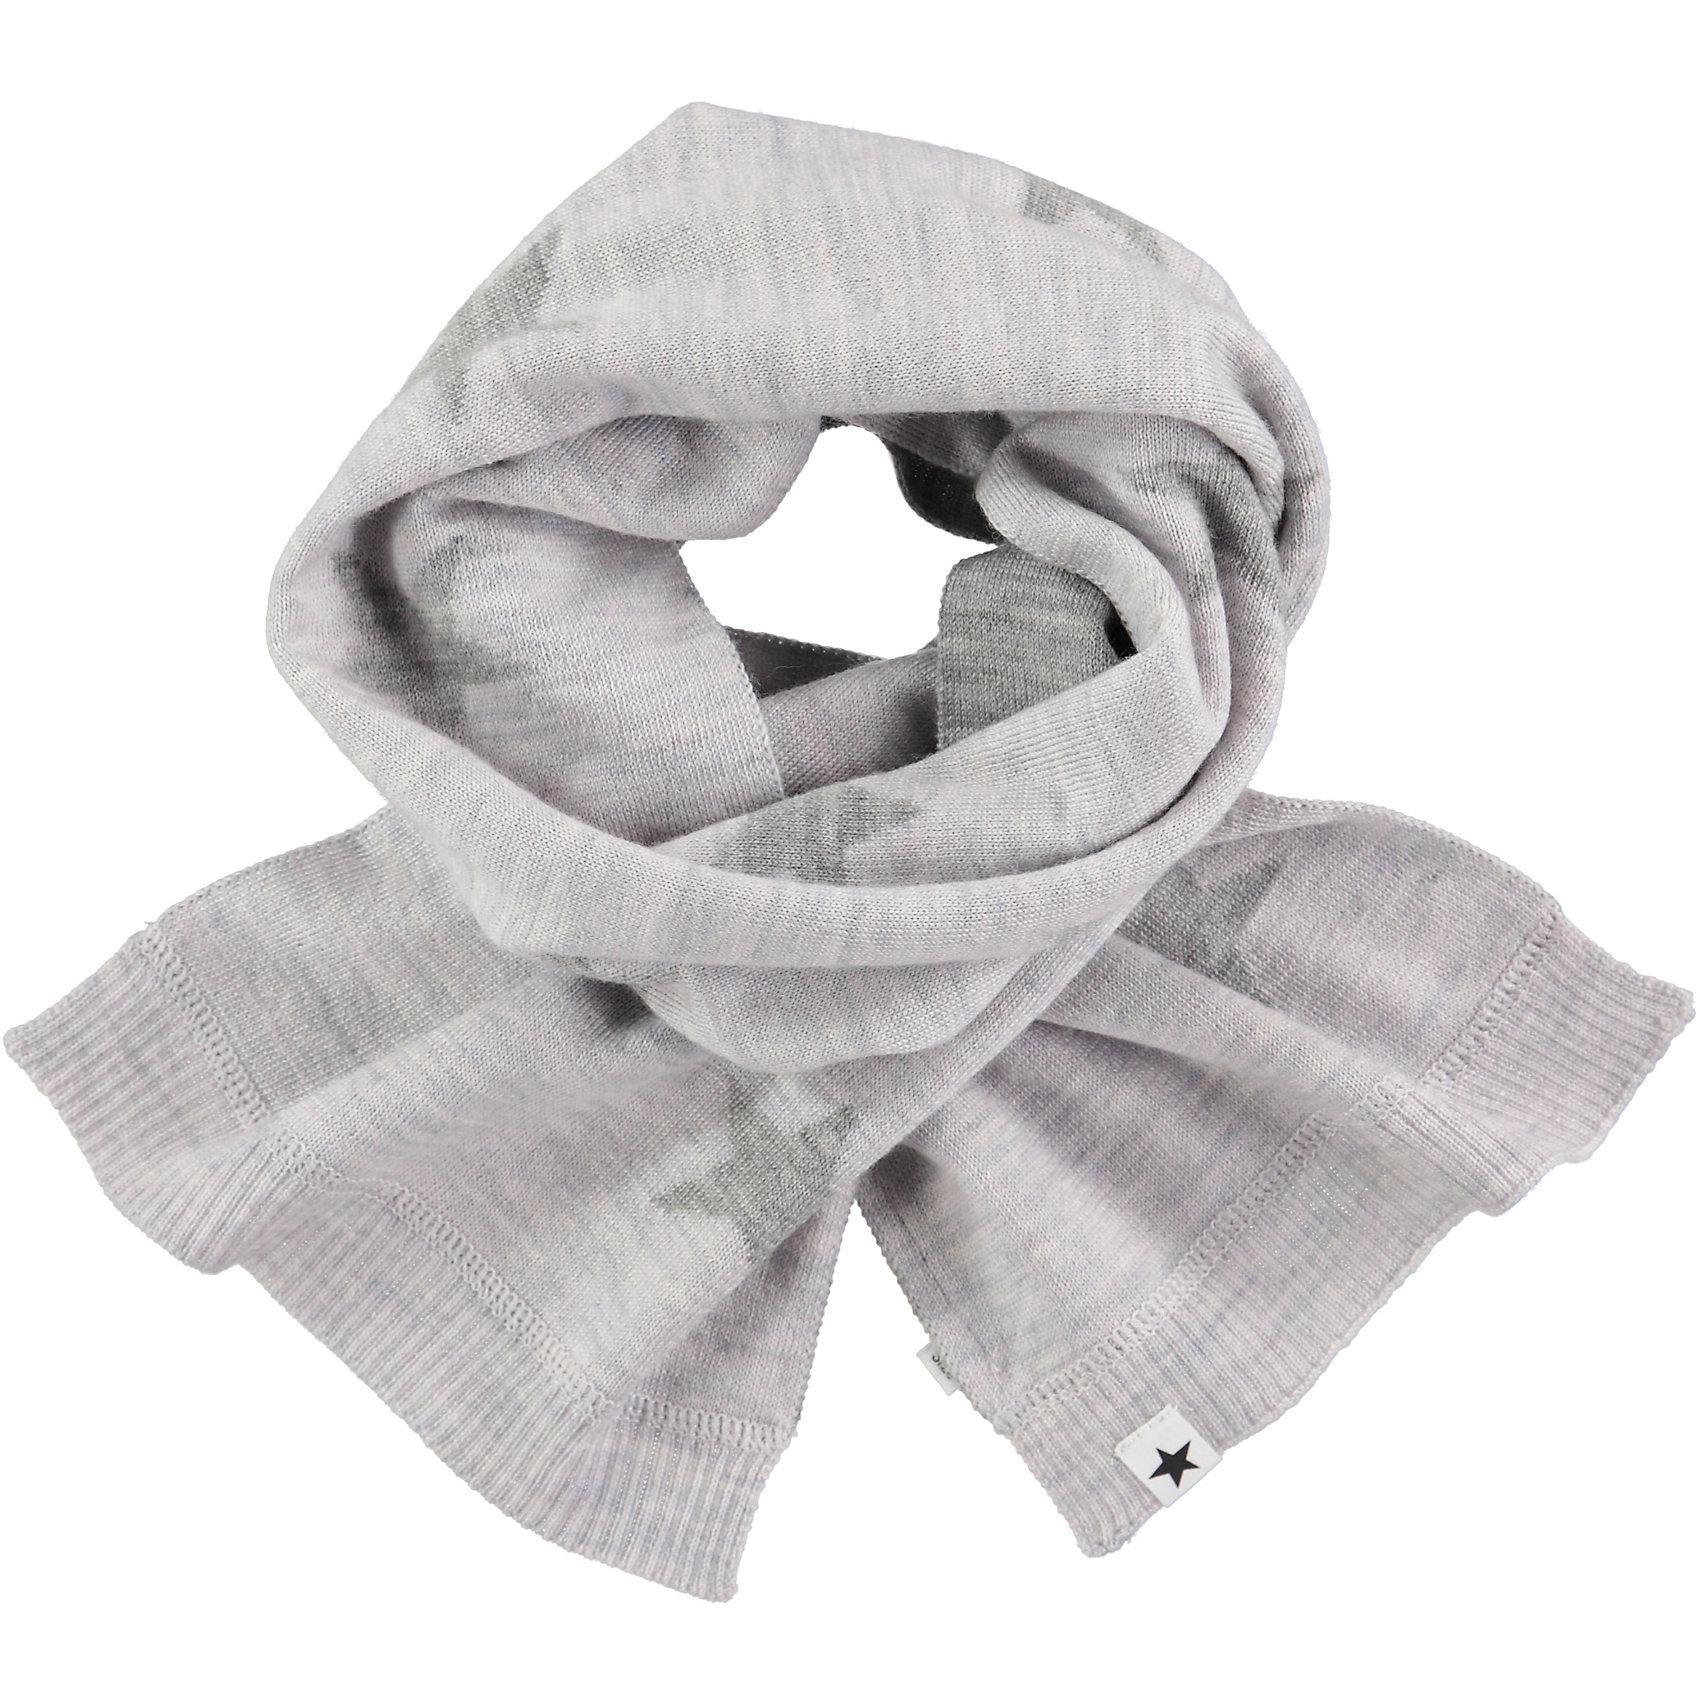 Шарф MOLOШарфы, платки<br>Балаклава зимняя Molo отлично защищает от холода и ветра, изготовлена из высококачественных материалов не вызывающих аллергию, имеет дополнительный флисовый слой<br><br>Ширина мм: 88<br>Глубина мм: 155<br>Высота мм: 26<br>Вес г: 106<br>Цвет: светло-серый<br>Возраст от месяцев: 60<br>Возраст до месяцев: 168<br>Пол: Унисекс<br>Возраст: Детский<br>Размер: one size<br>SKU: 6995337